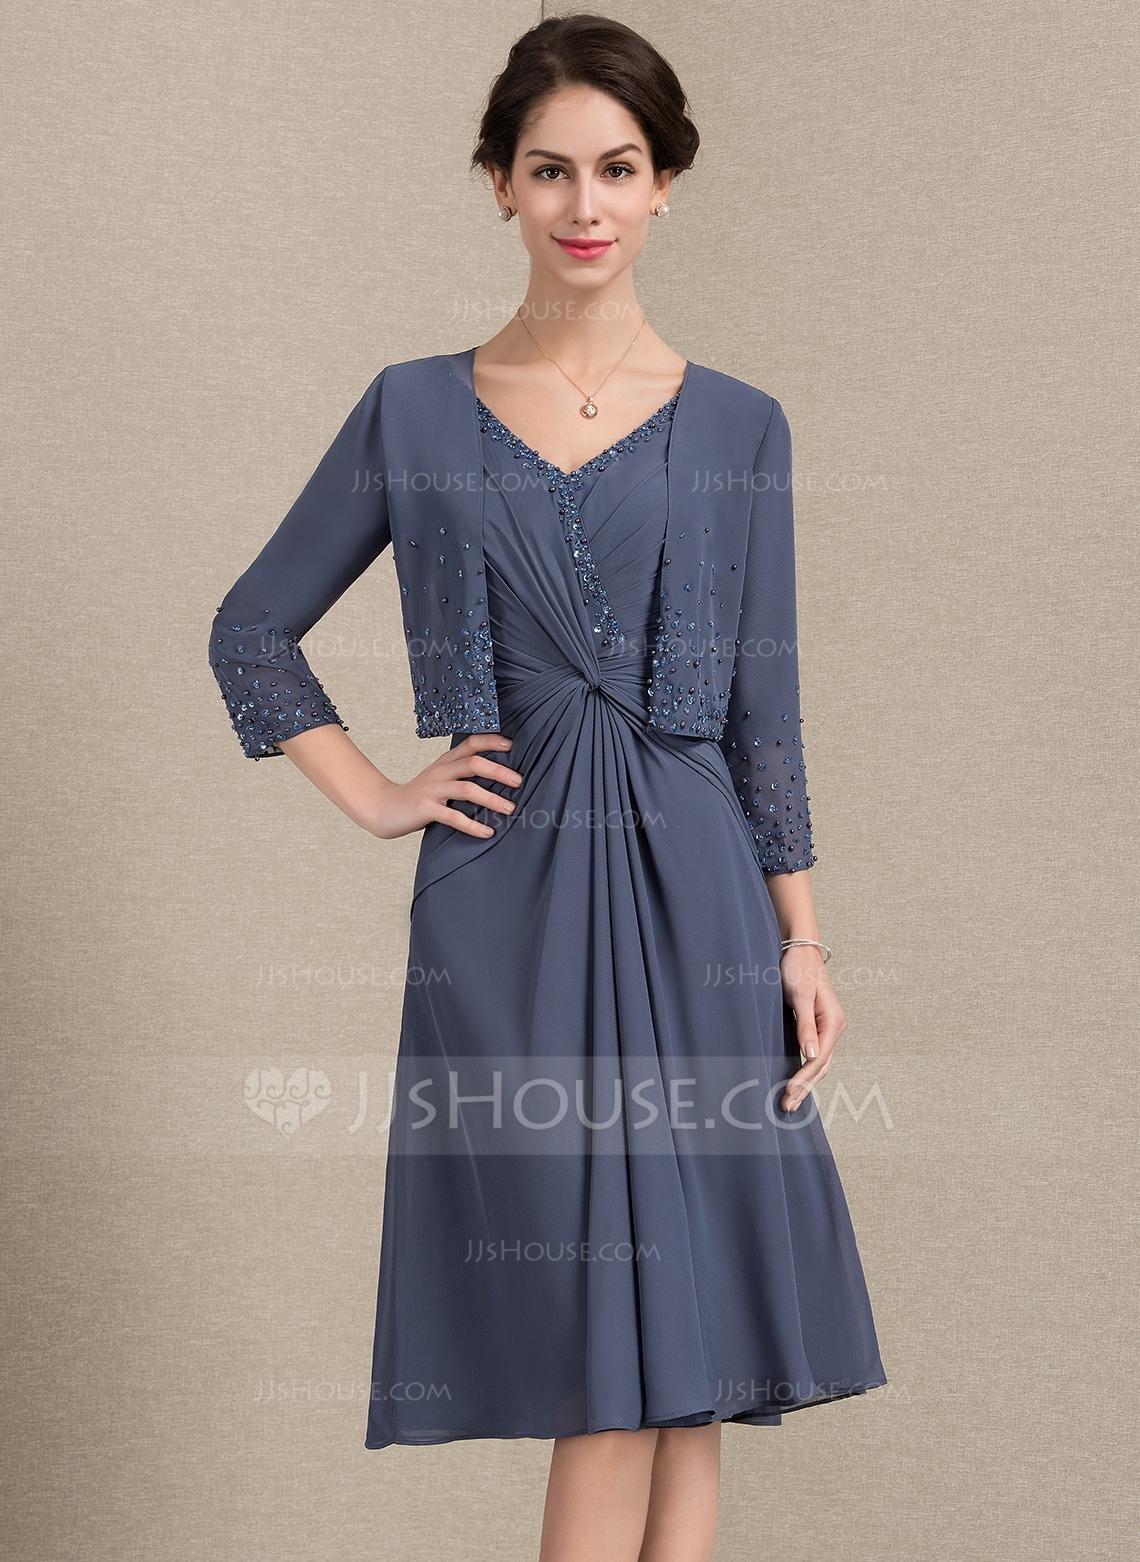 15 genial kleider für brautmutter knielang stylish - abendkleid